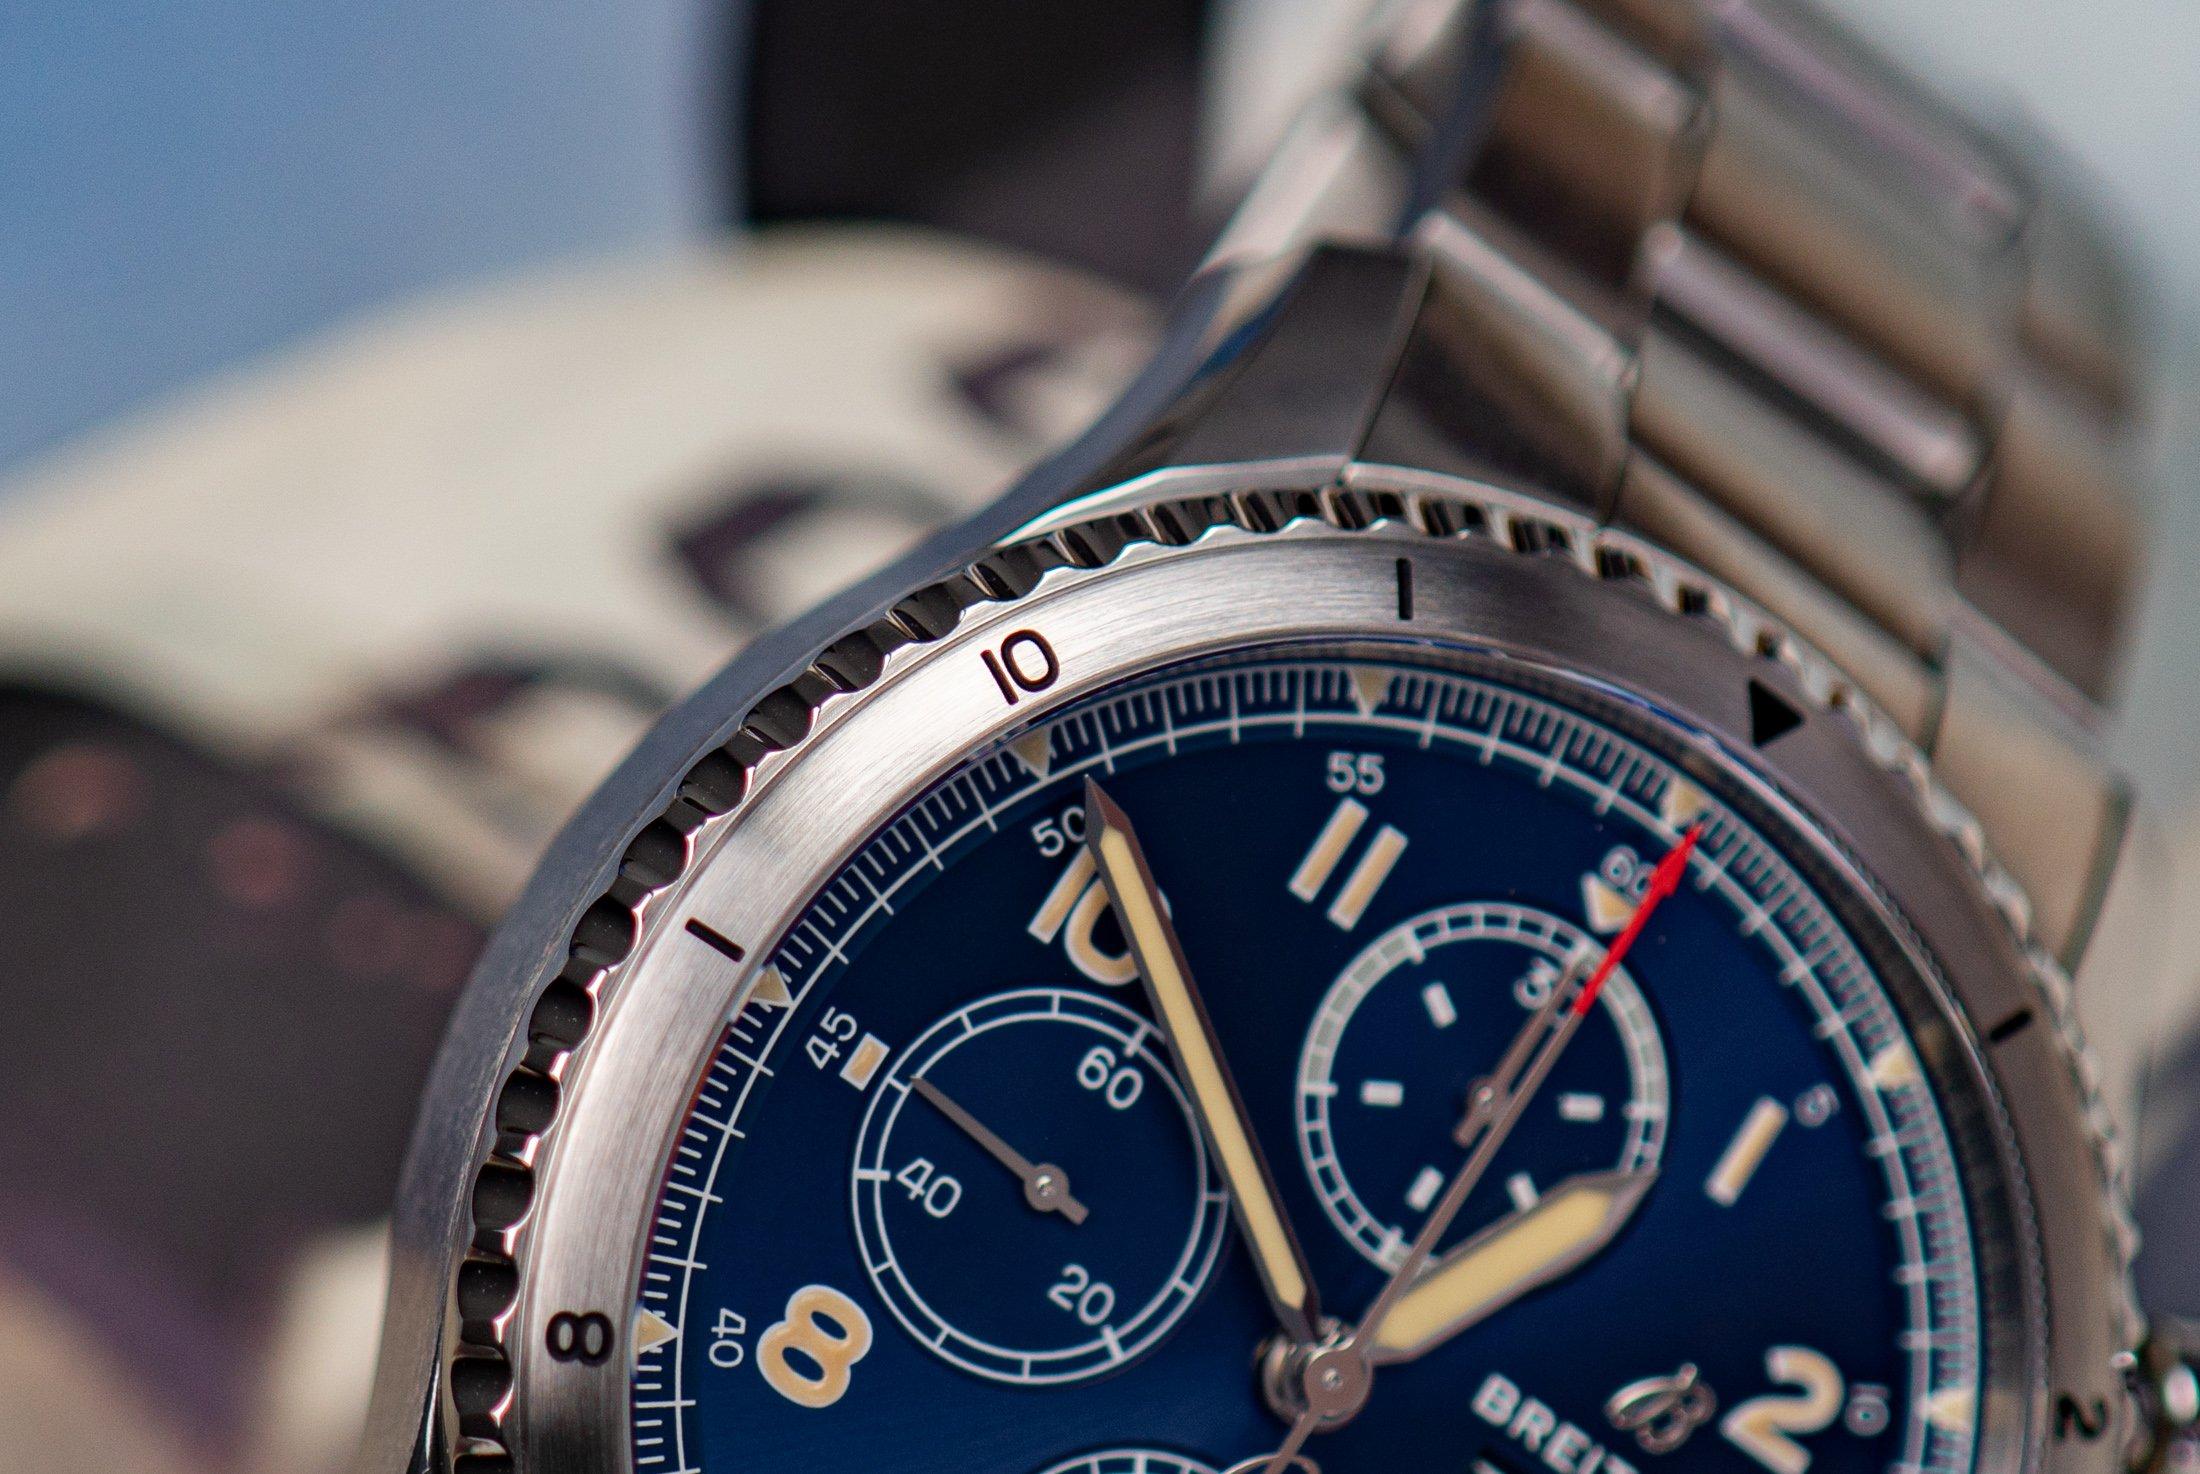 Breitling-Aviator-8-Chronograph-43-Lünette